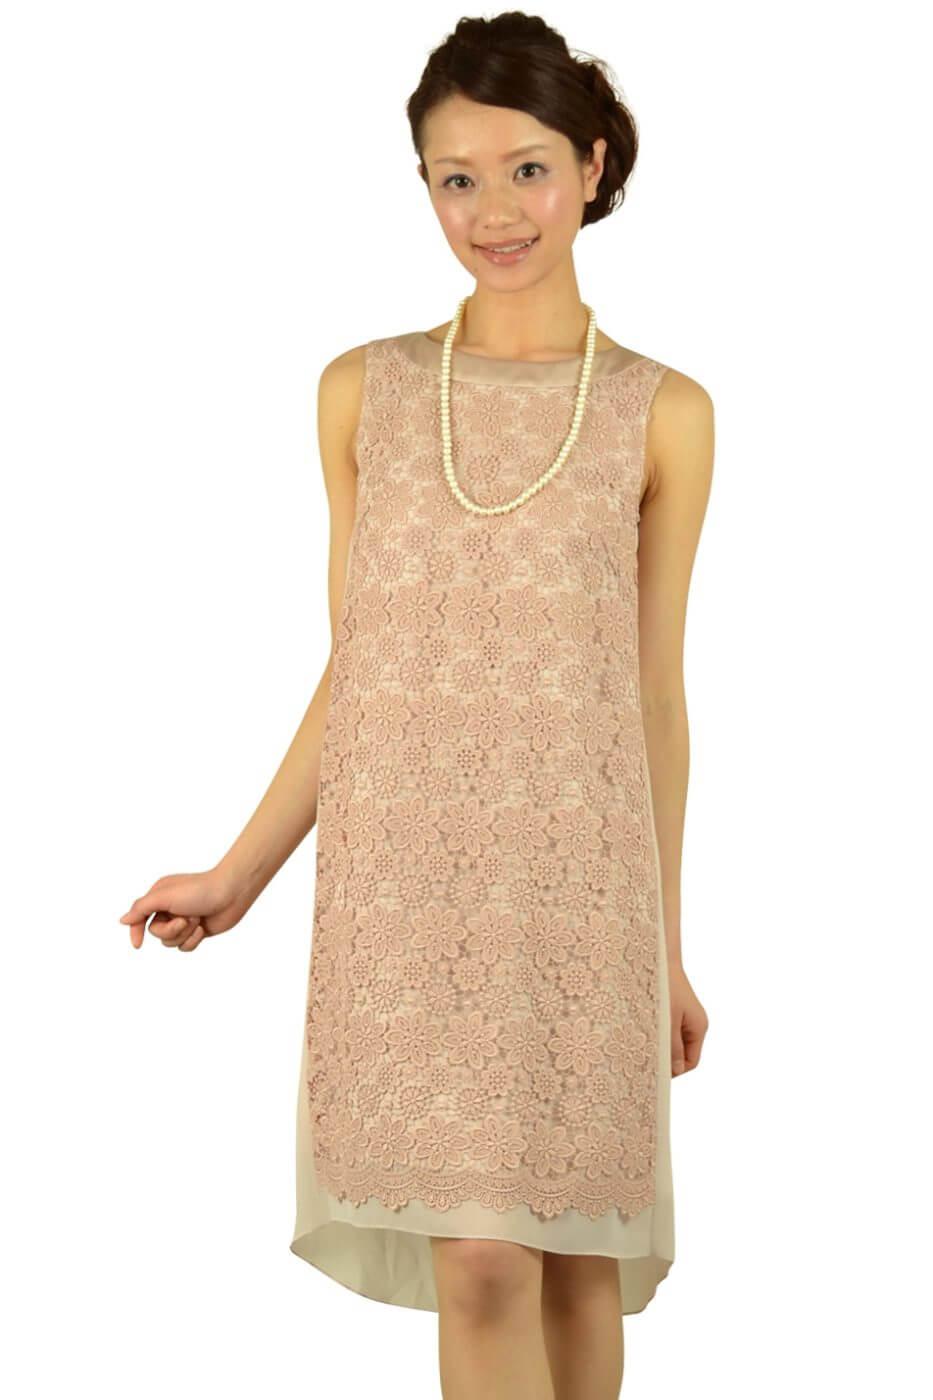 アンタイトル (UNTITLED)刺繍シフォンベージュドレス